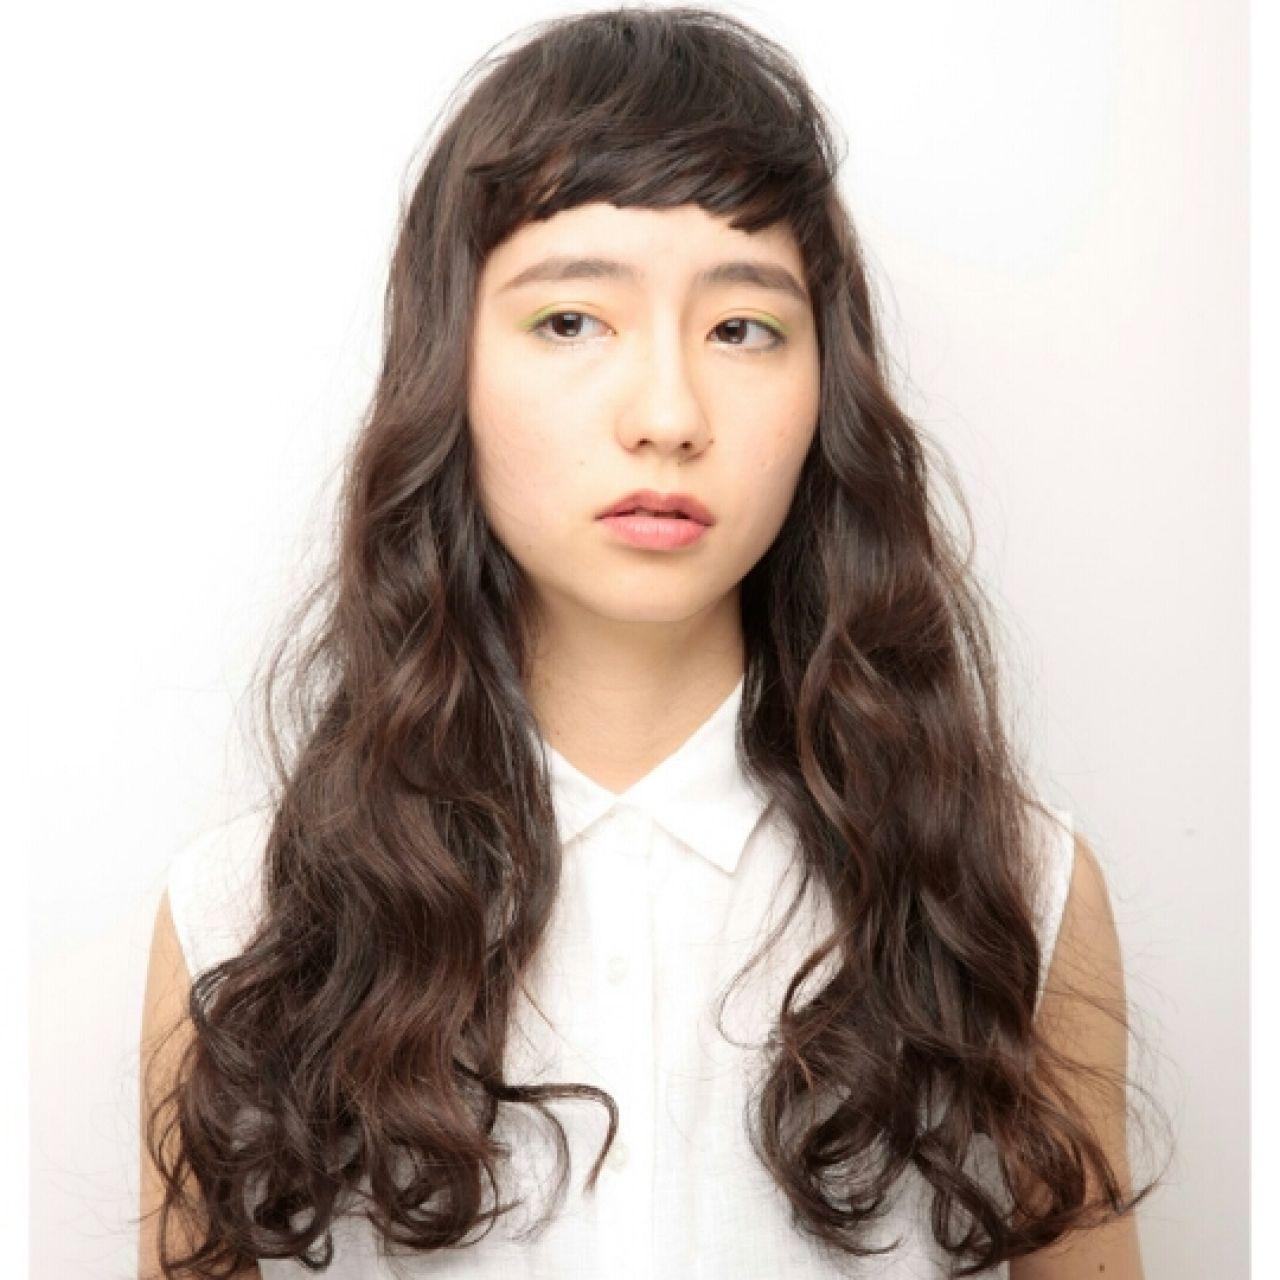 ストリート 黒髪 オン眉 ロング ヘアスタイルや髪型の写真・画像